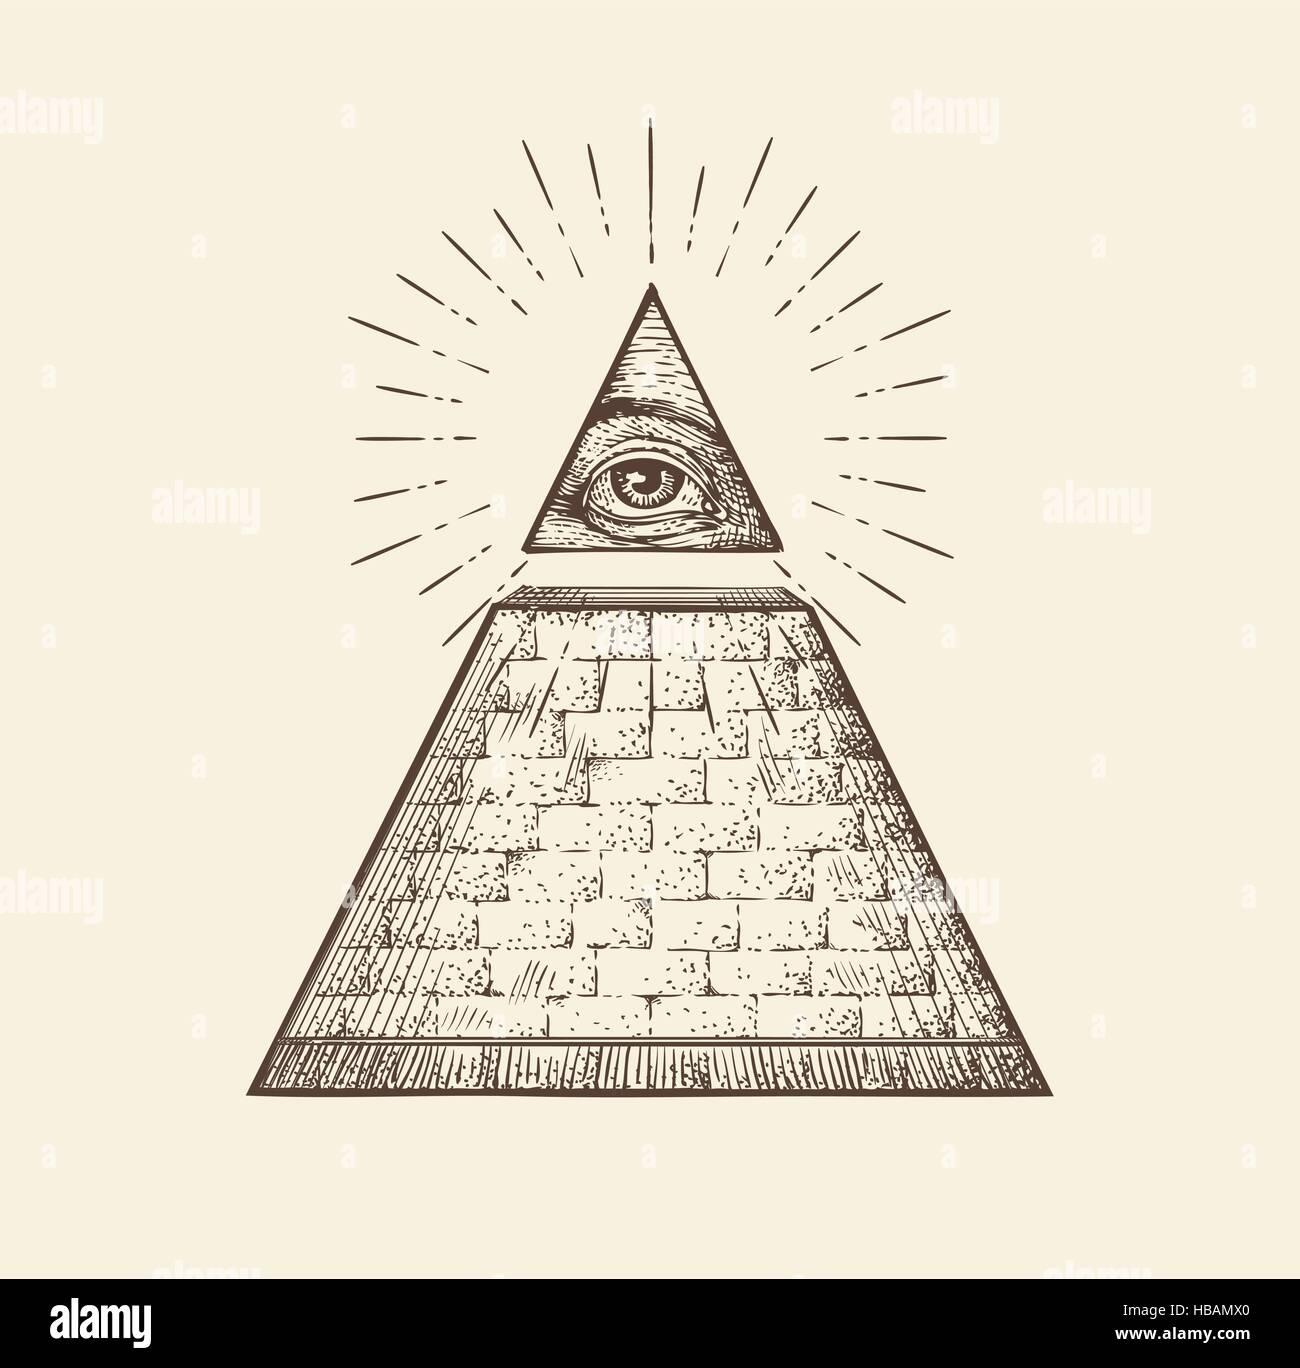 All Seeing Eye Pyramid Symbol New World Order Hand Drawn Sketch